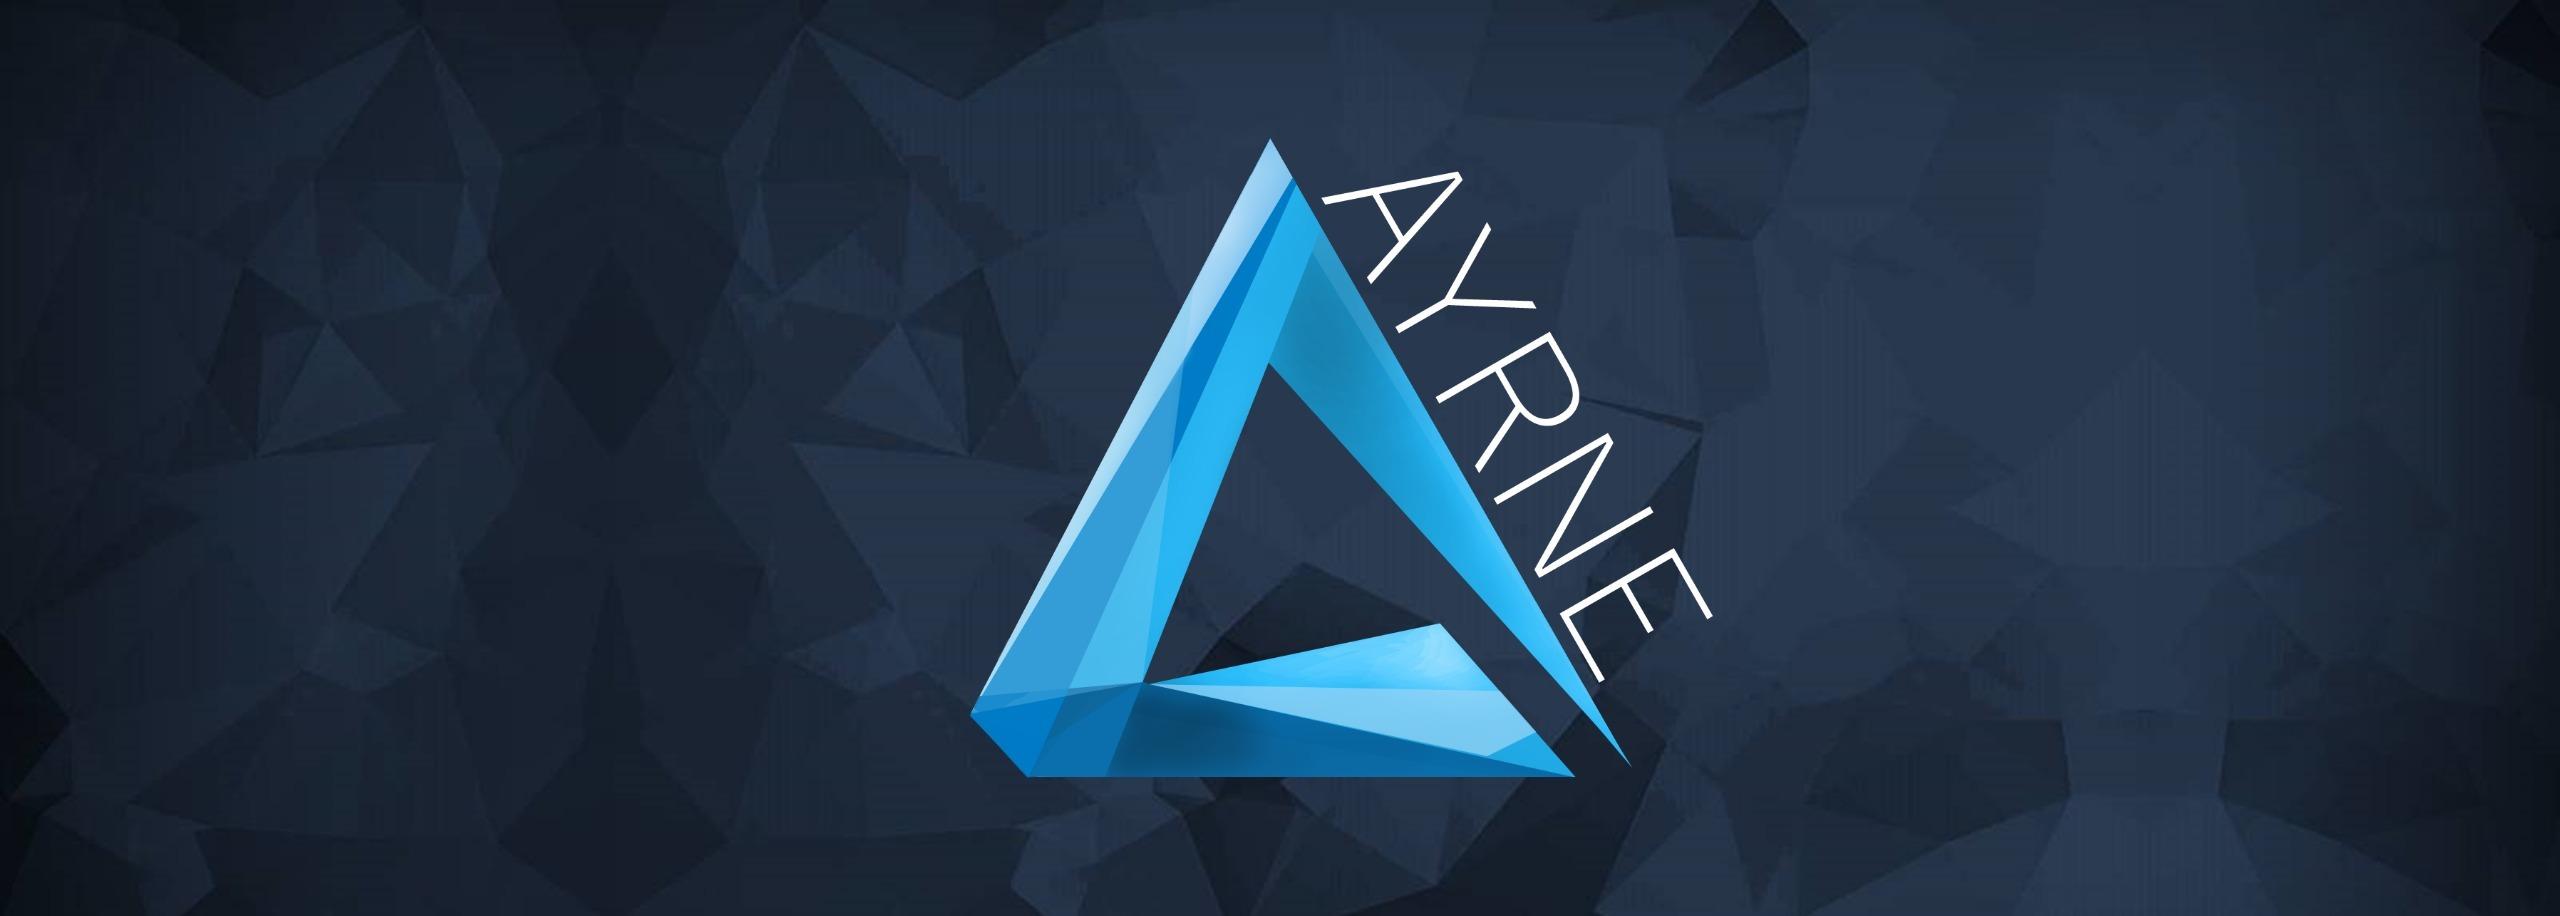 Ayrne (@ayrne) Cover Image